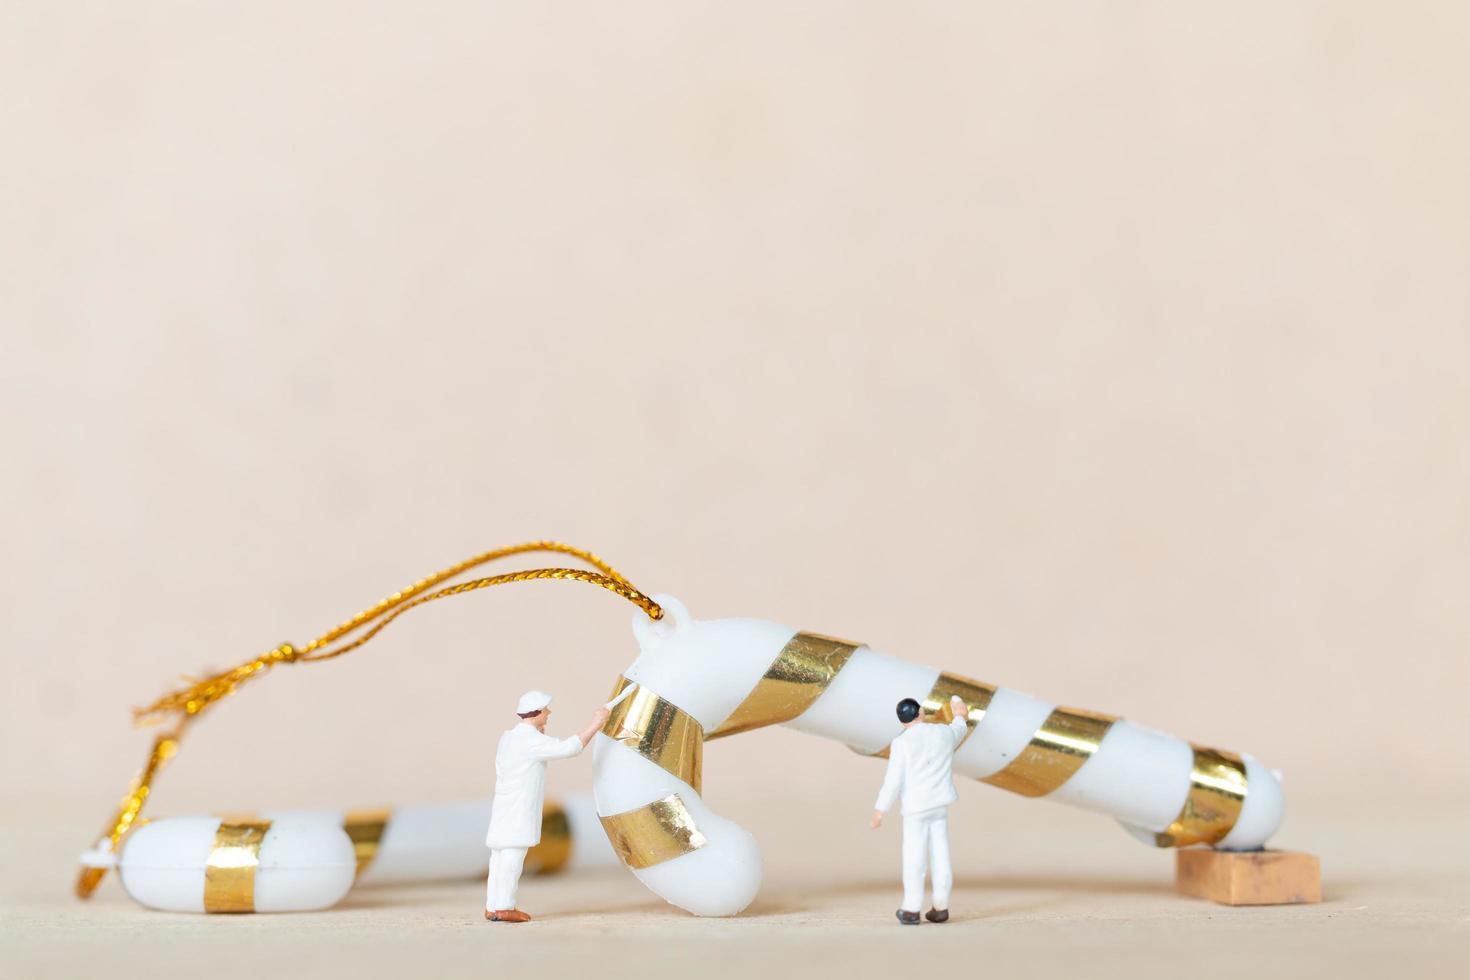 miniatyrarbetare som samarbetar för att måla en juldekoration, jul och gott nytt årskoncept foto